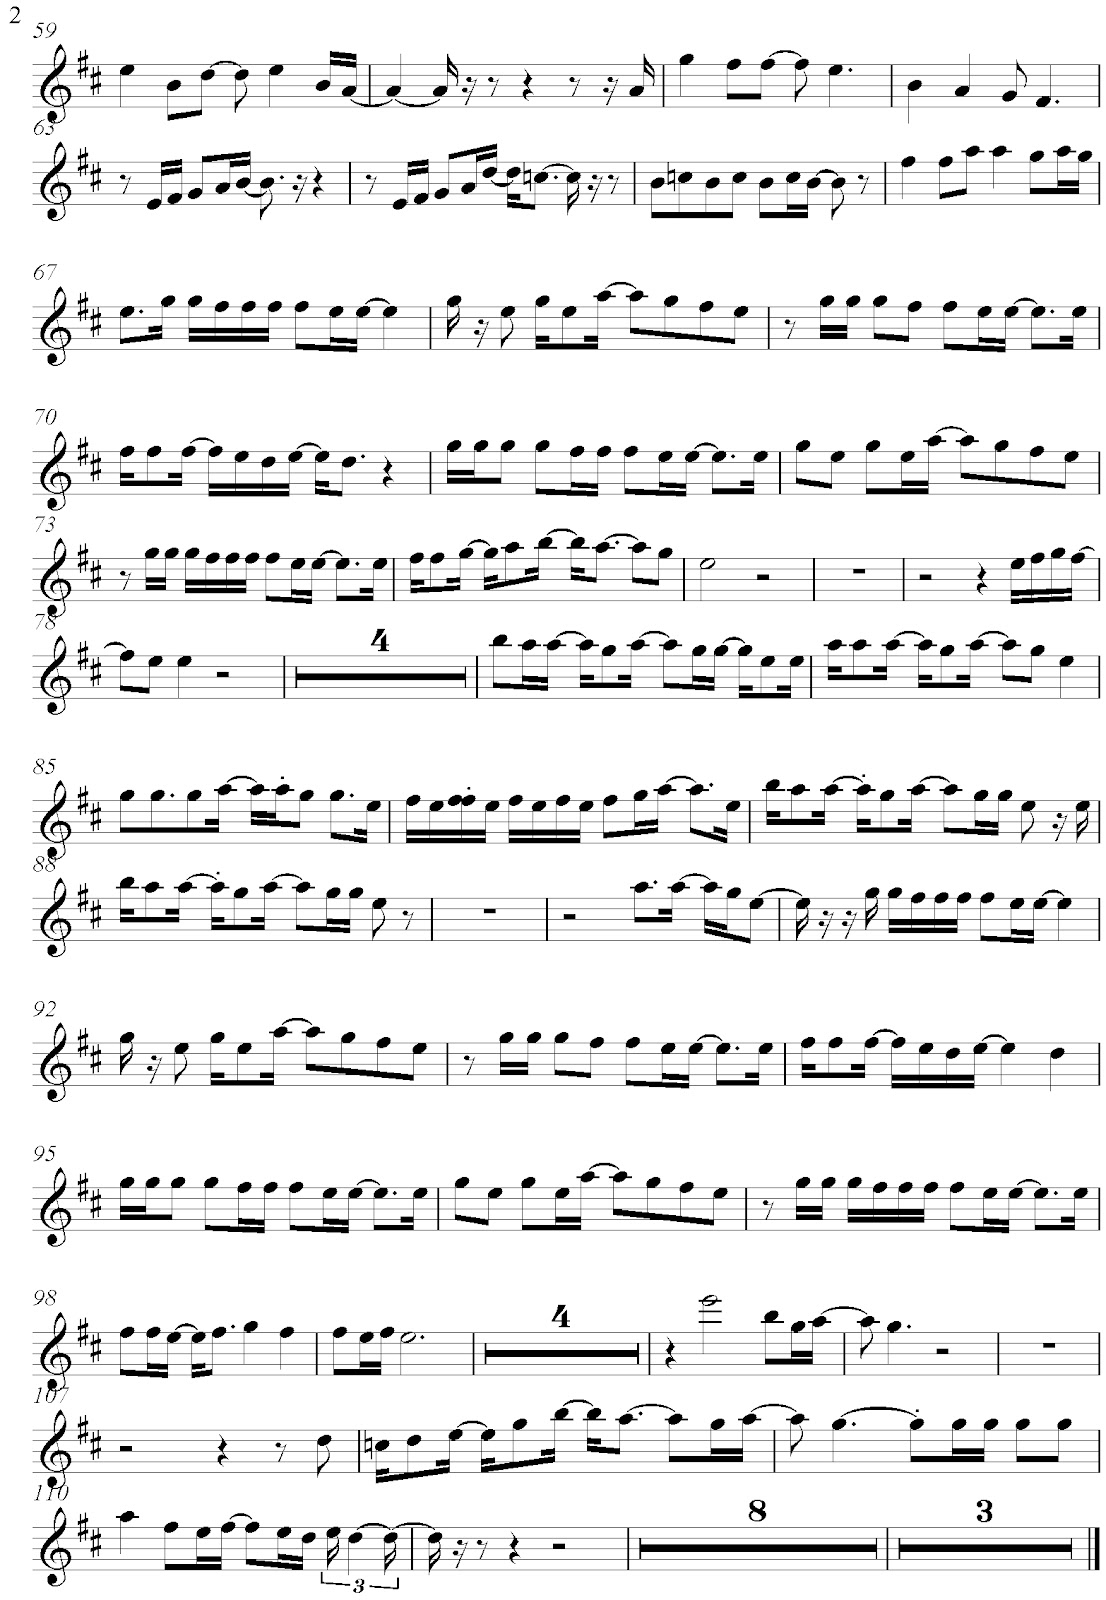 http://4.bp.blogspot.com/-rdqTuYVp8yM/T9_BRGVFhPI/AAAAAAAAAfI/HEAupP0gpV4/s1600/-+George+michael+-+careless+whisper+-melody-+saxo+tenor_0002.bmp